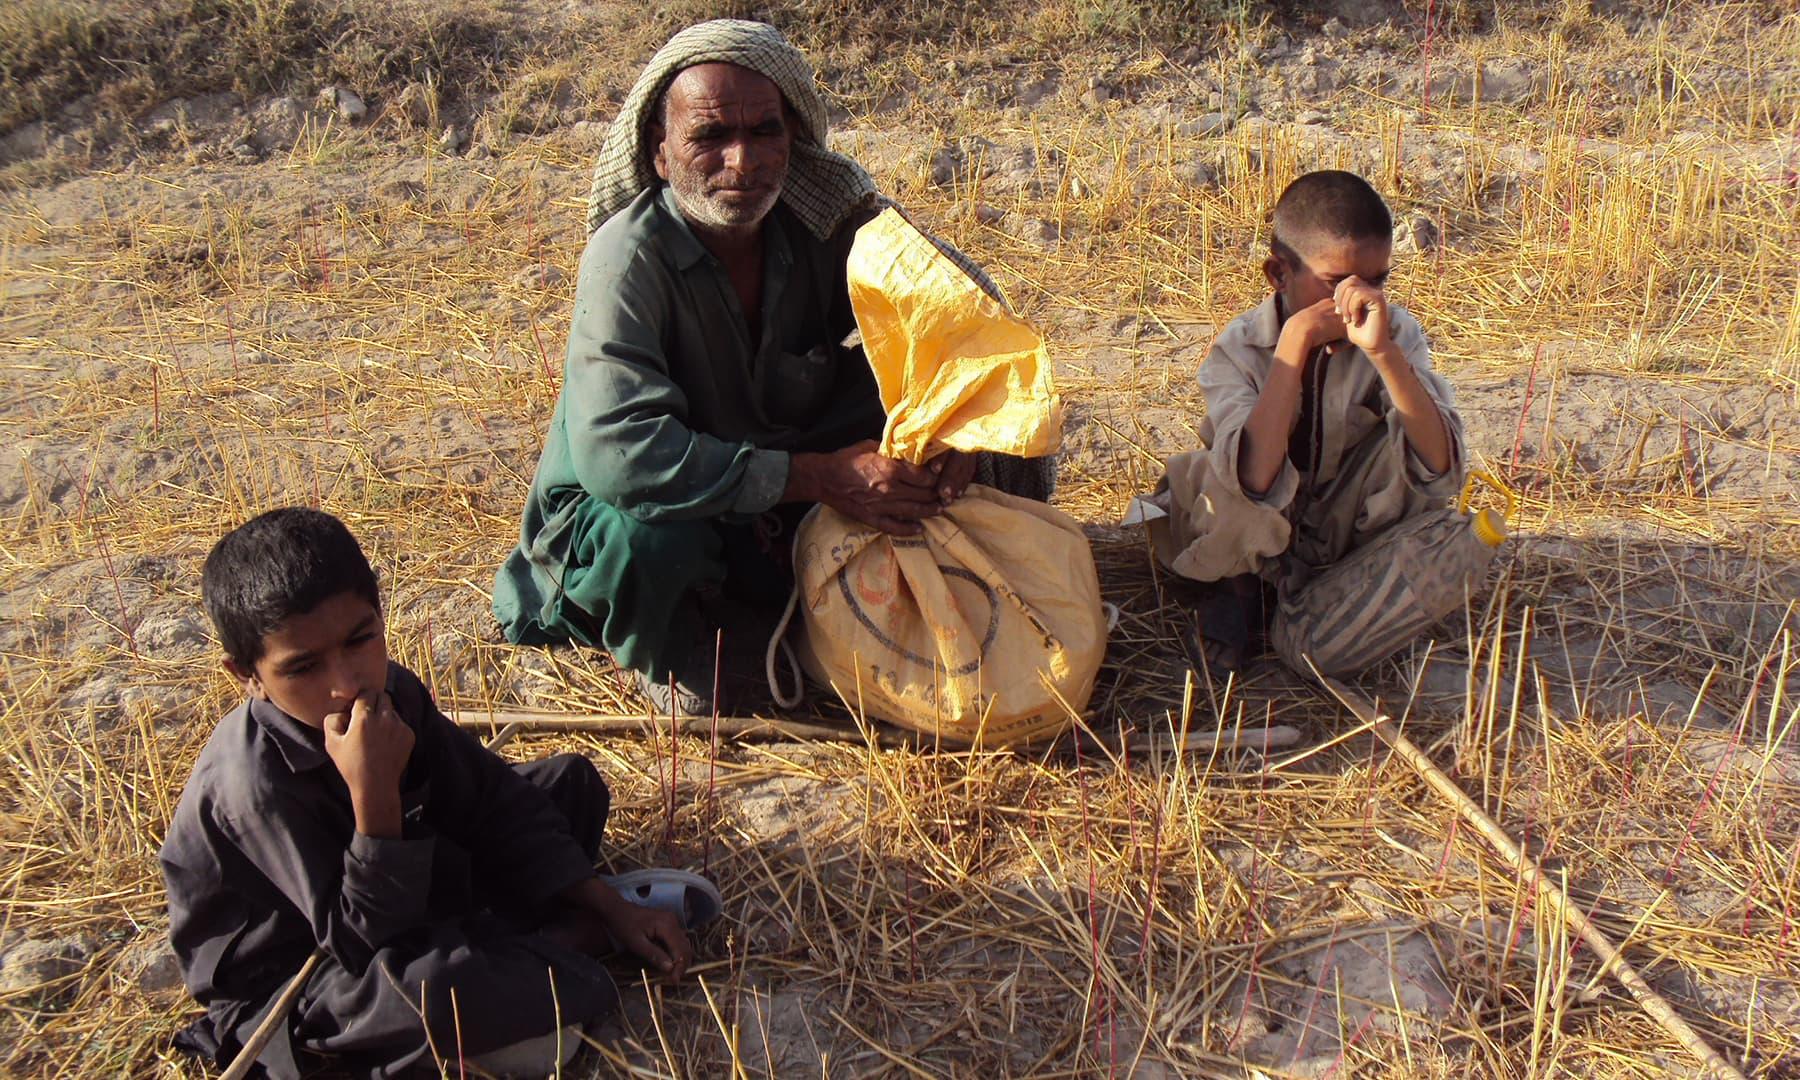 پانی کی عدم دستیابی کے باعث لوگ نقل مکانی کرنے پر مجبور ہیں—تصویر ابوبکر شیخ